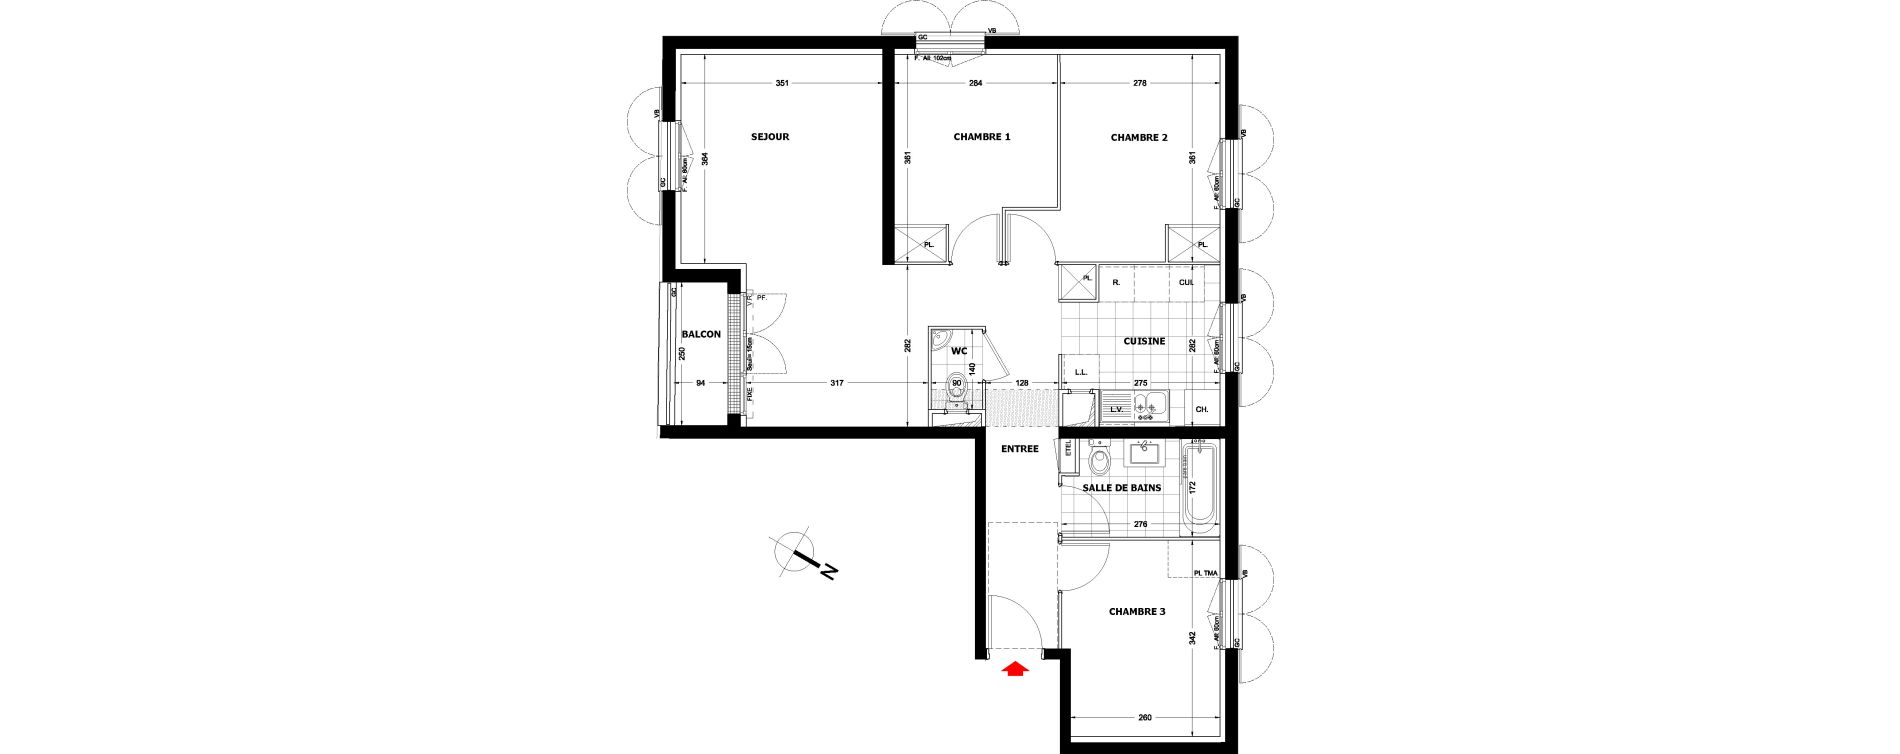 Appartement T4 de 73,83 m2 à Montfermeil Centre